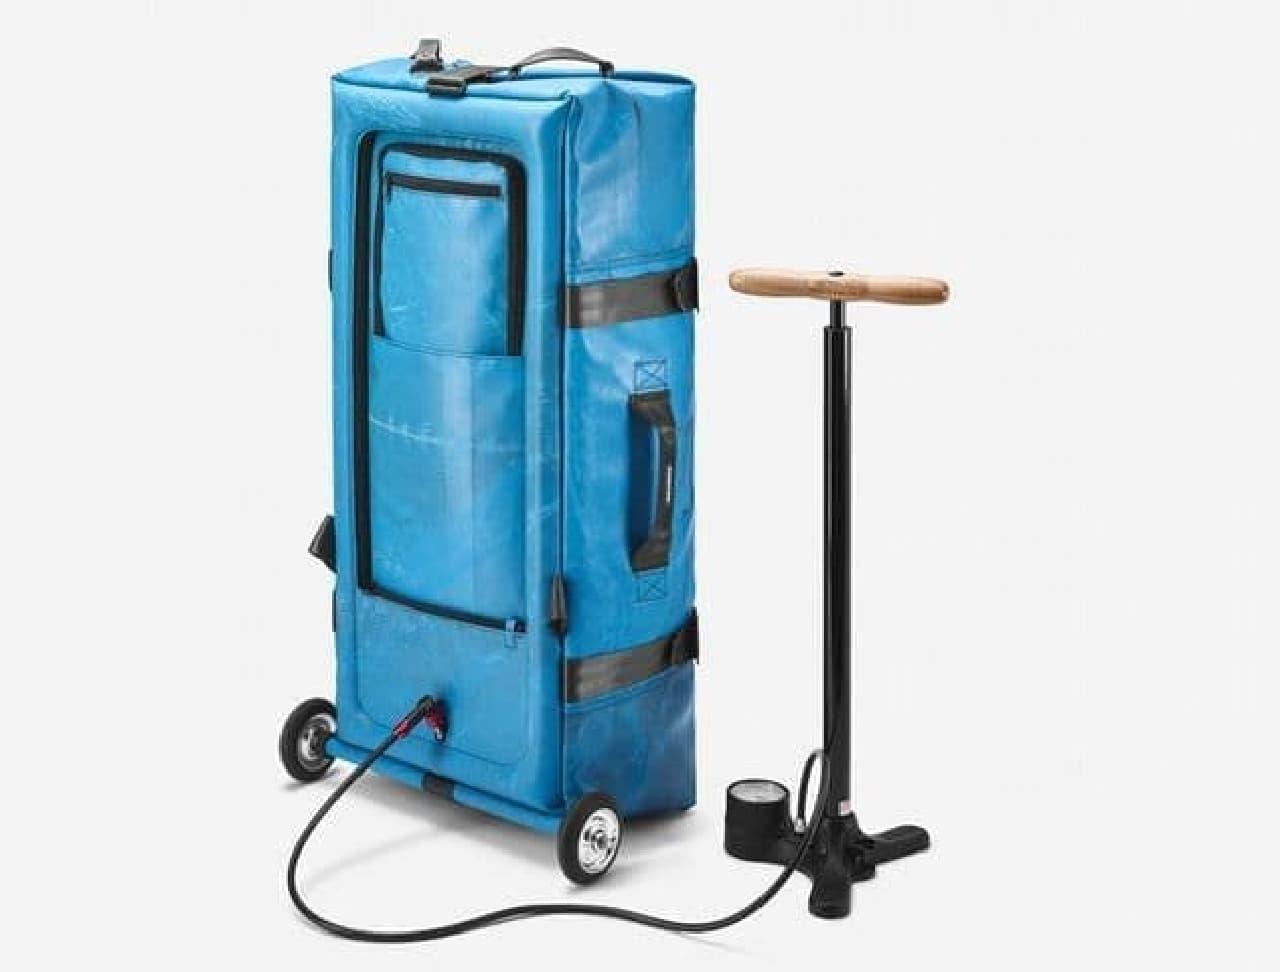 自転車用空気入れで膨らませるキャリーバッグ「ZIPPELIN」